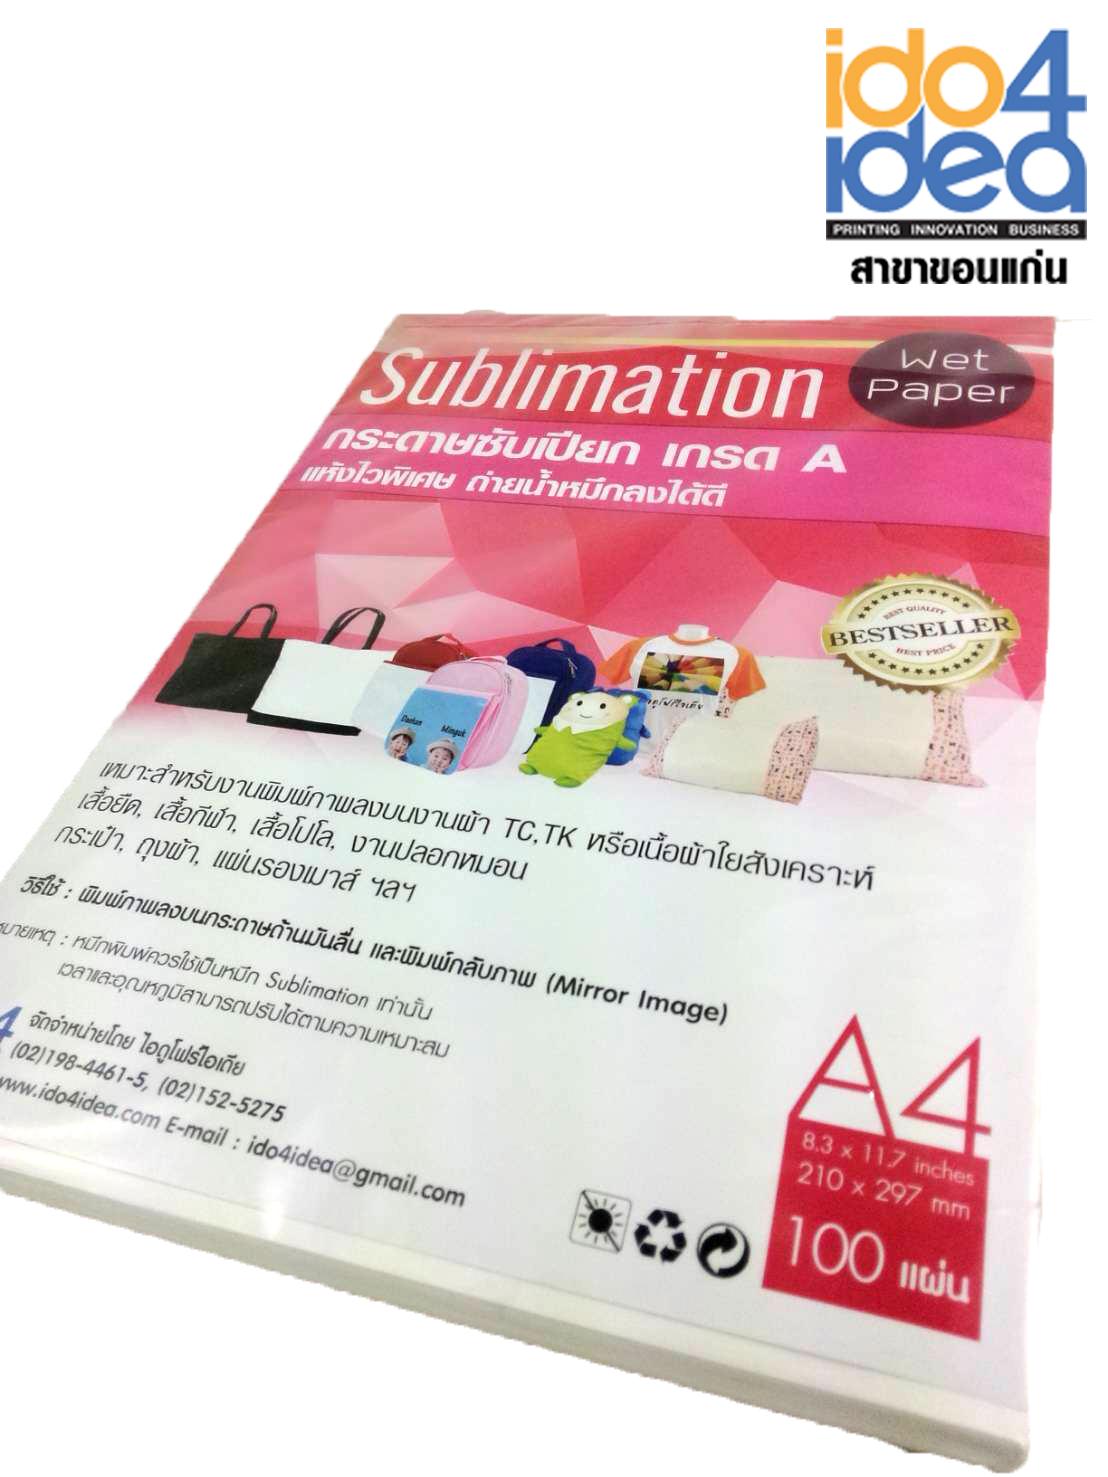 กระดาษซับเปียก (Sublimation Paper) ขนาด A3